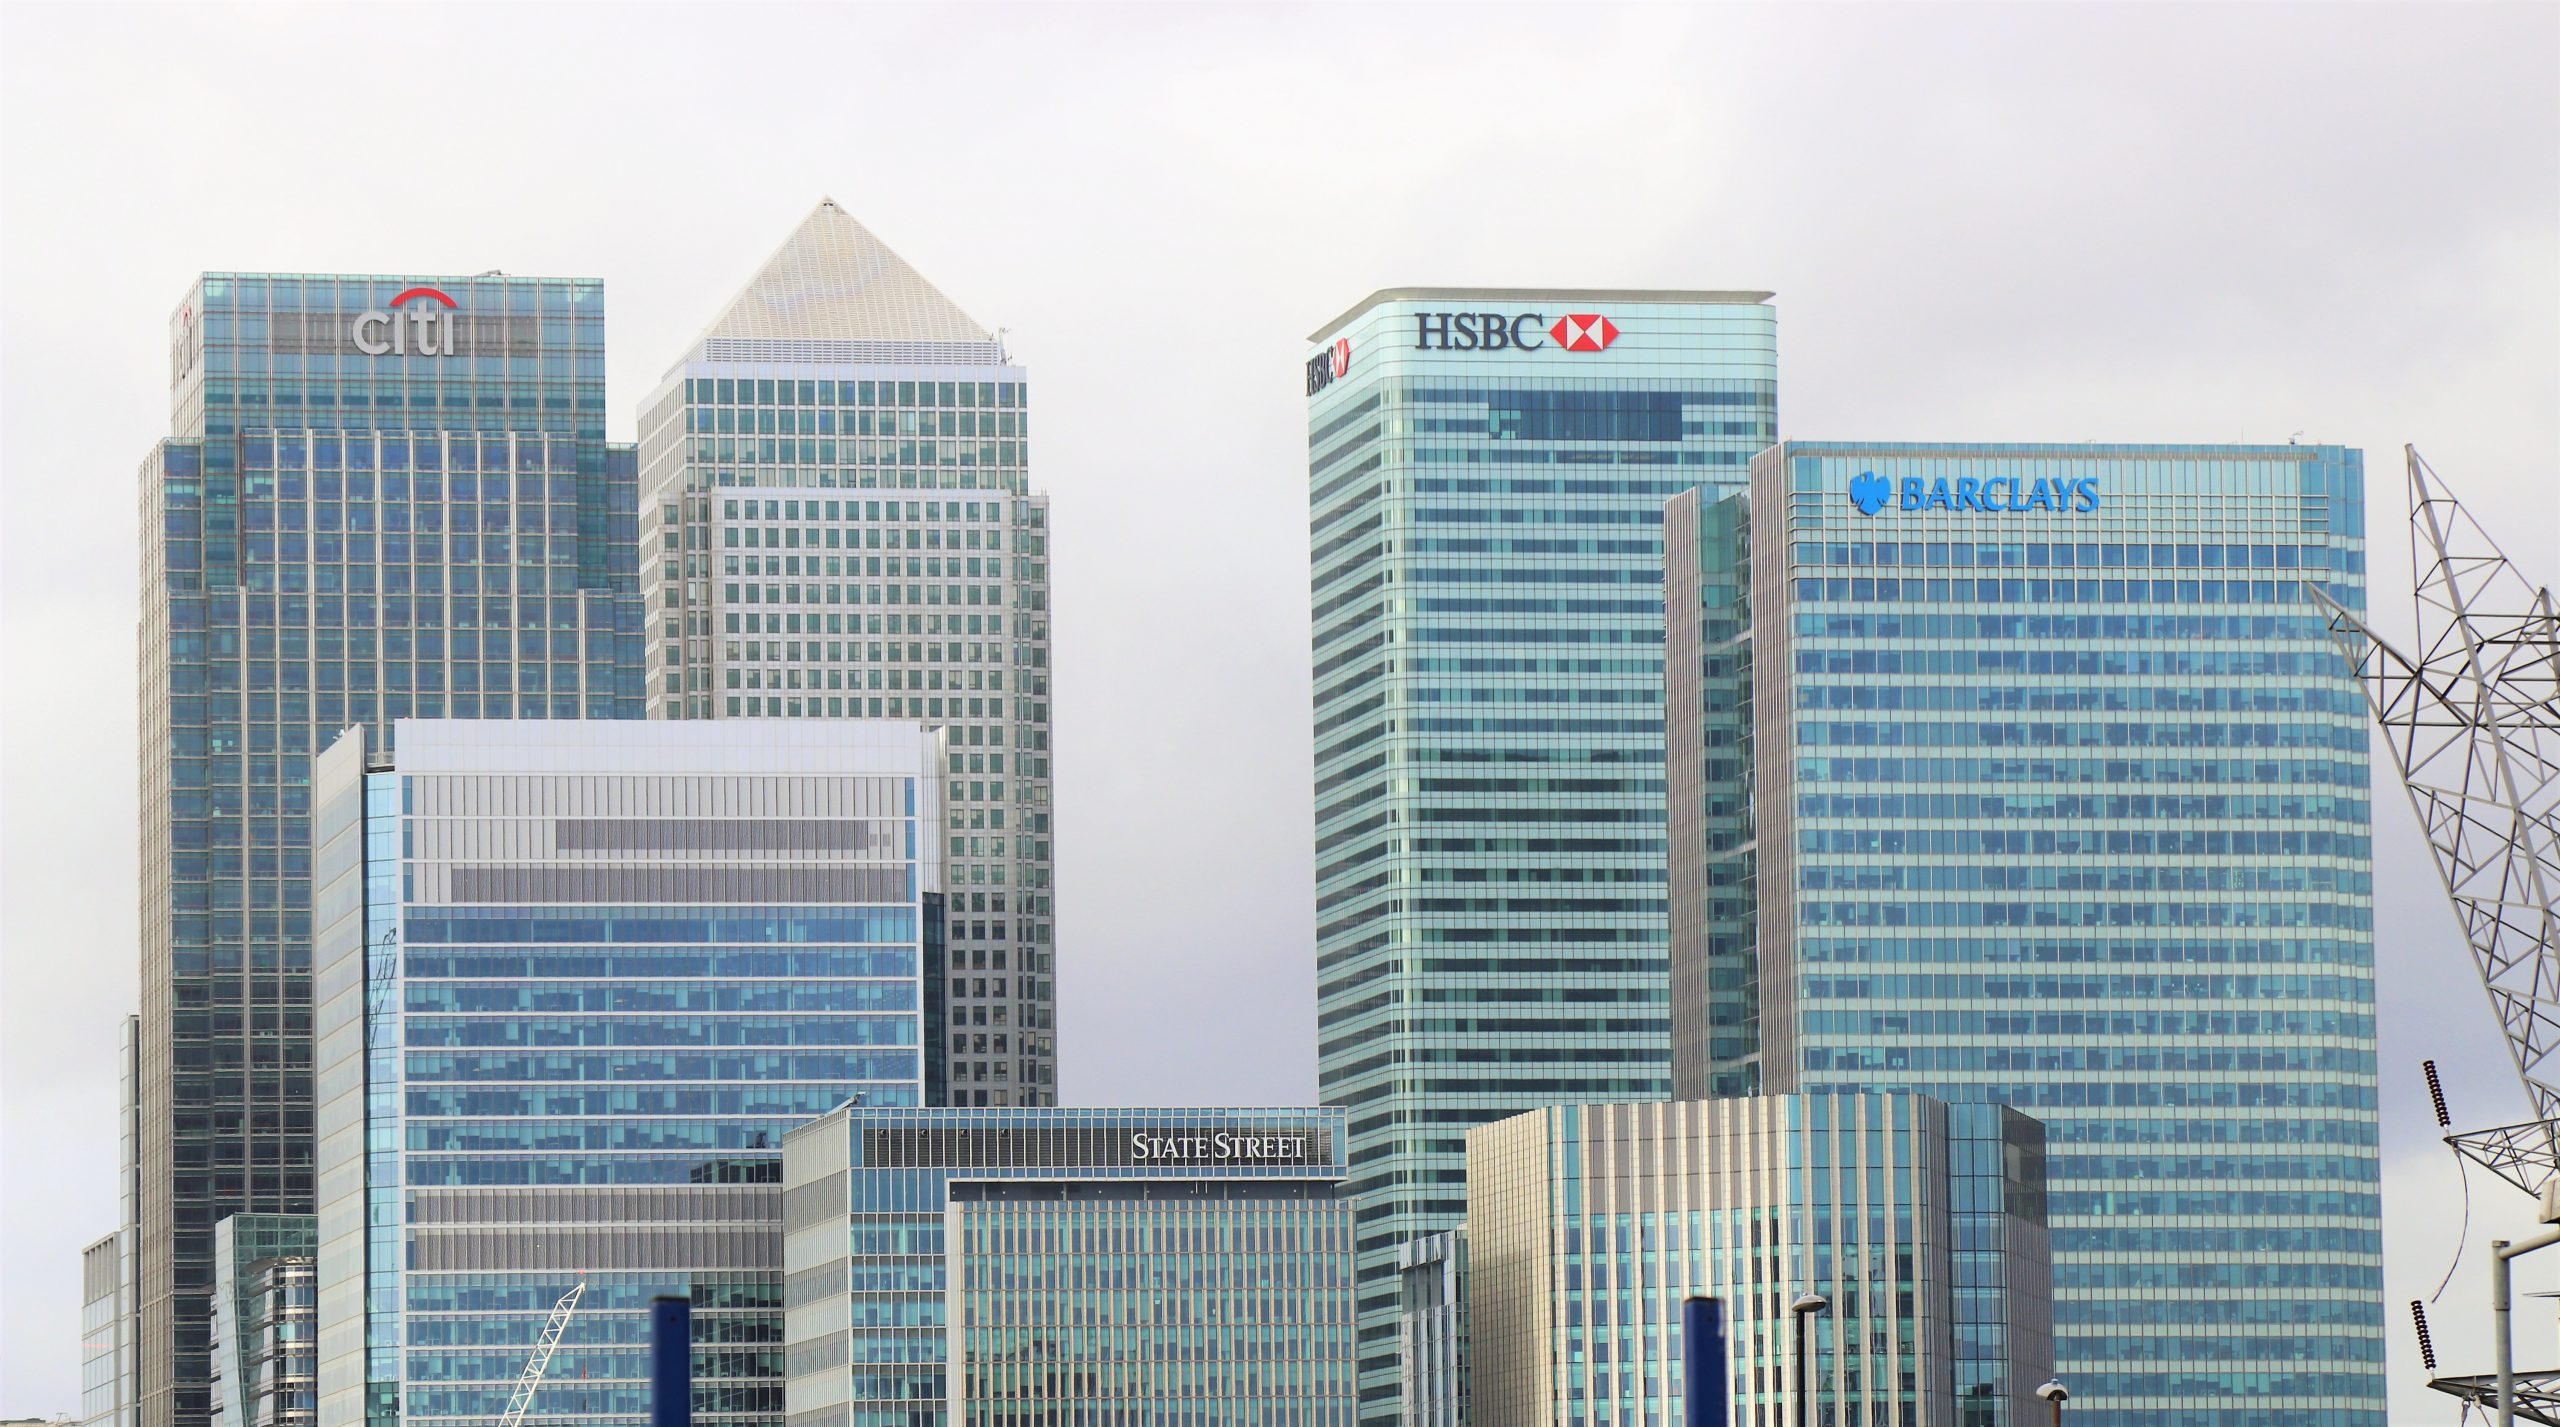 Jak założyć konto w banku Barclays?